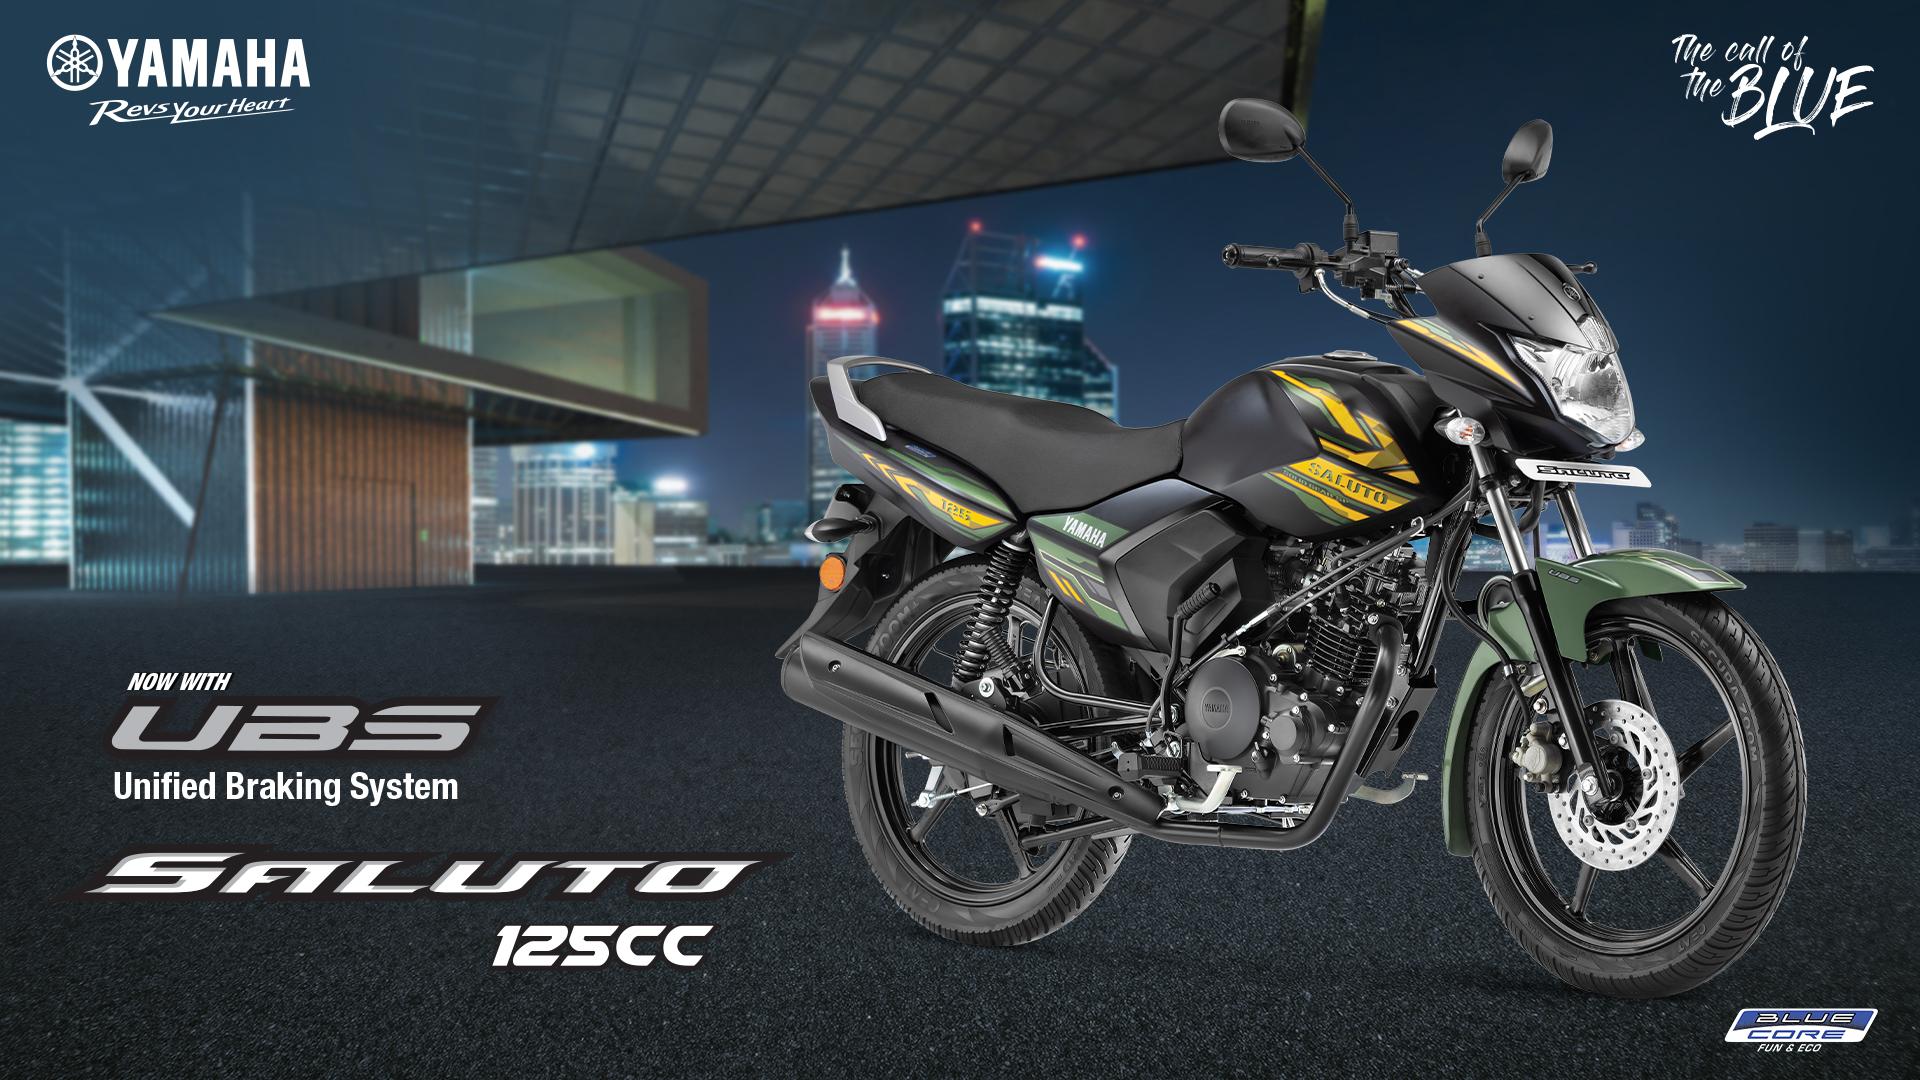 Yamaha Saluto Price, Model, Mileage, Specs, Images | India Yamaha Motor